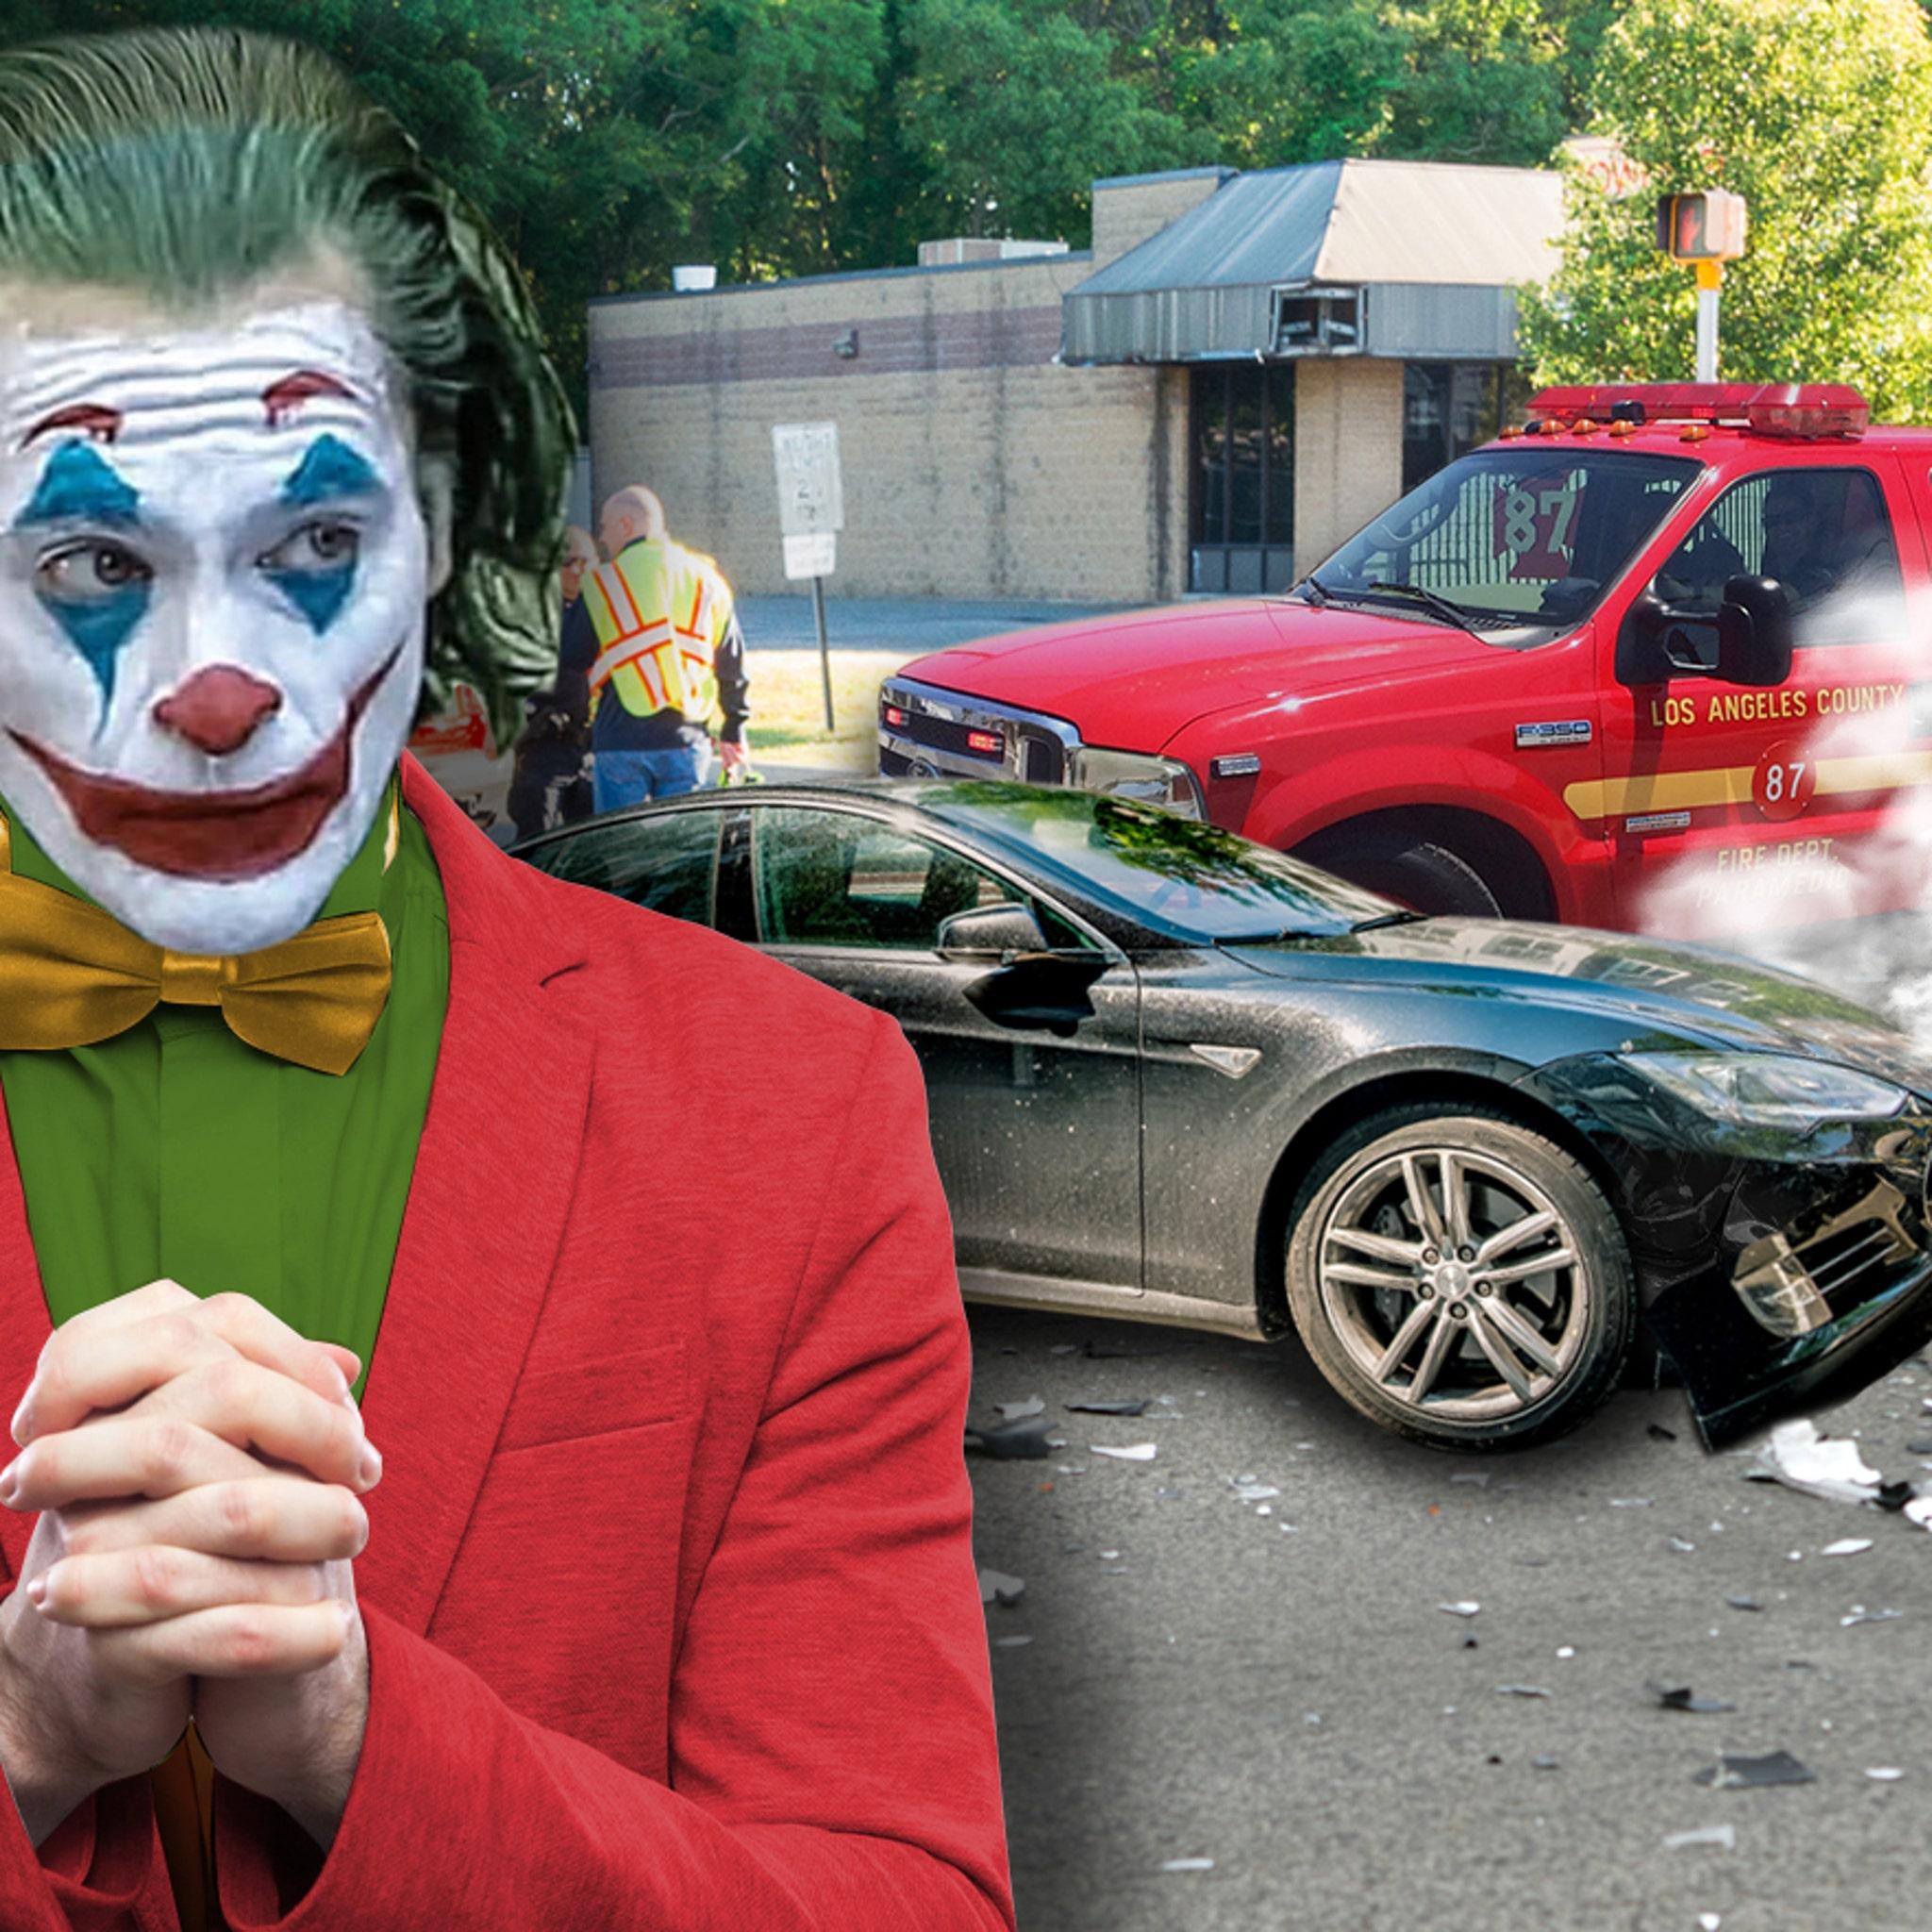 Joaquin Phoenix Hits Paramedics' Truck with Tesla